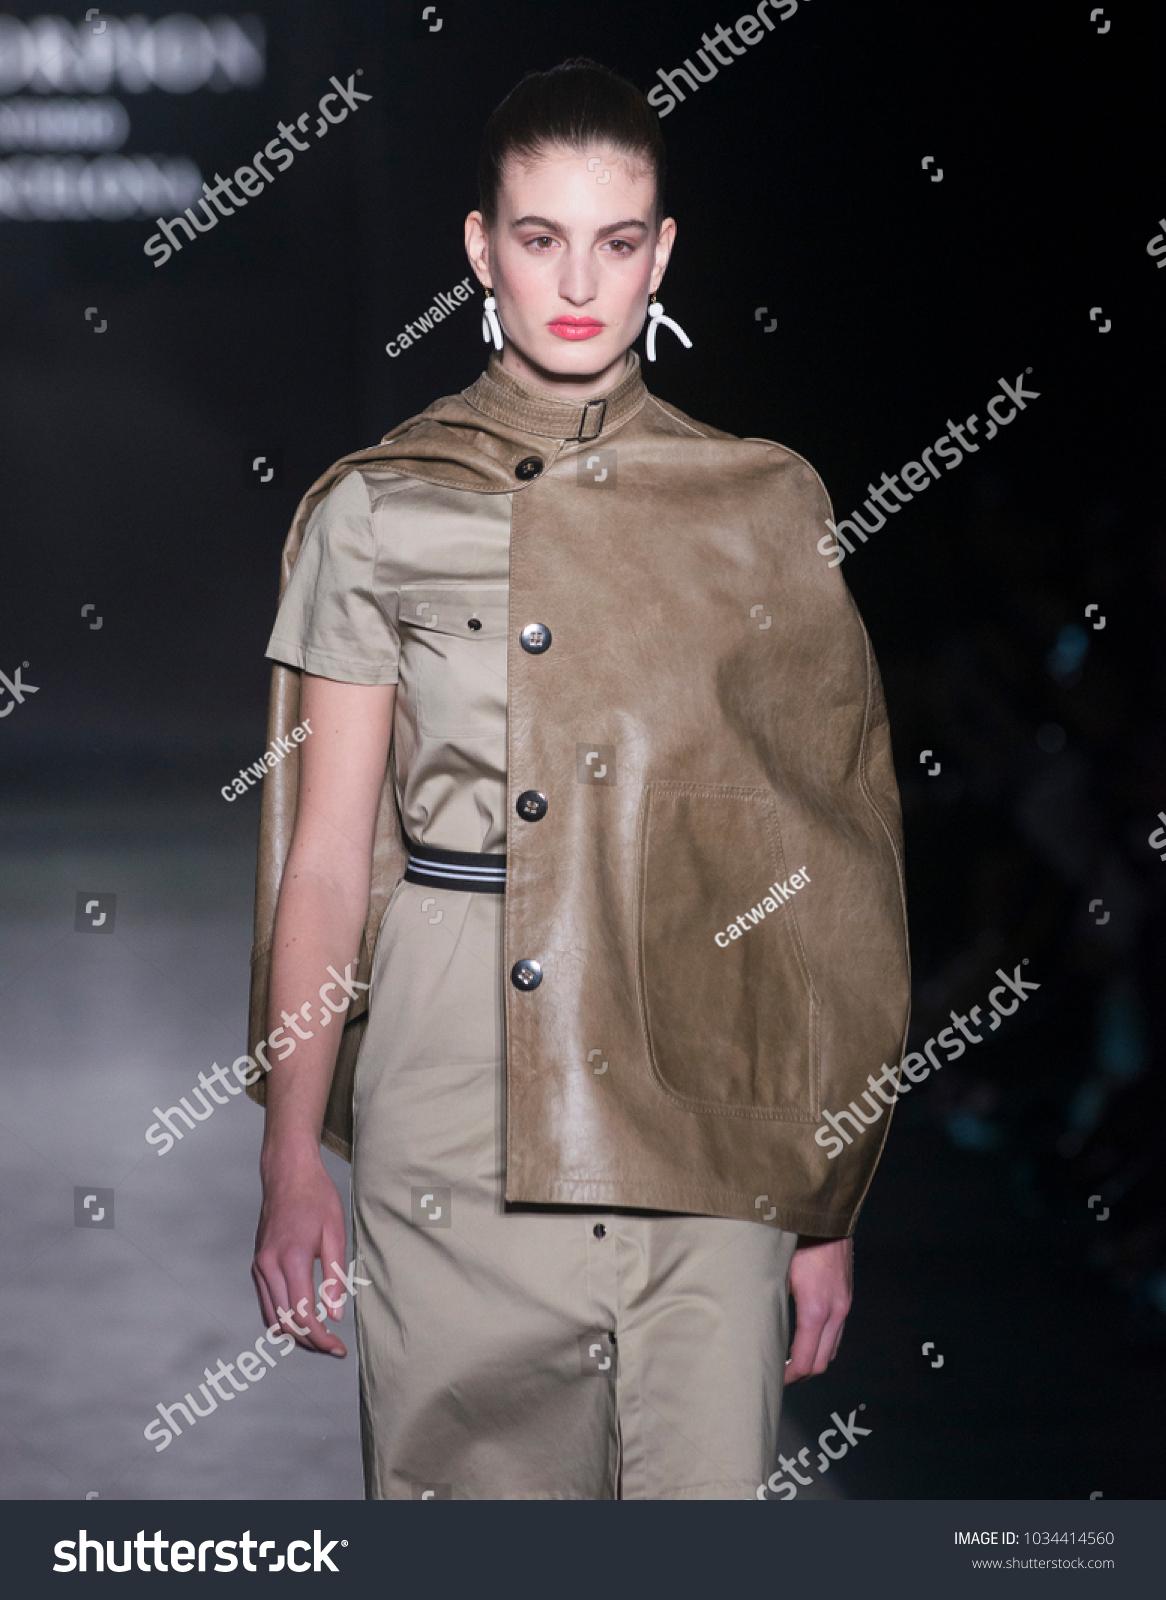 fe0f2fff355 MADRID - FEBRUARY 21  a model walks on the Maya Hansen catwalk during the  Mercedes-Benz Fashion Week Madrid Fall Winter 2016 runway on February 21